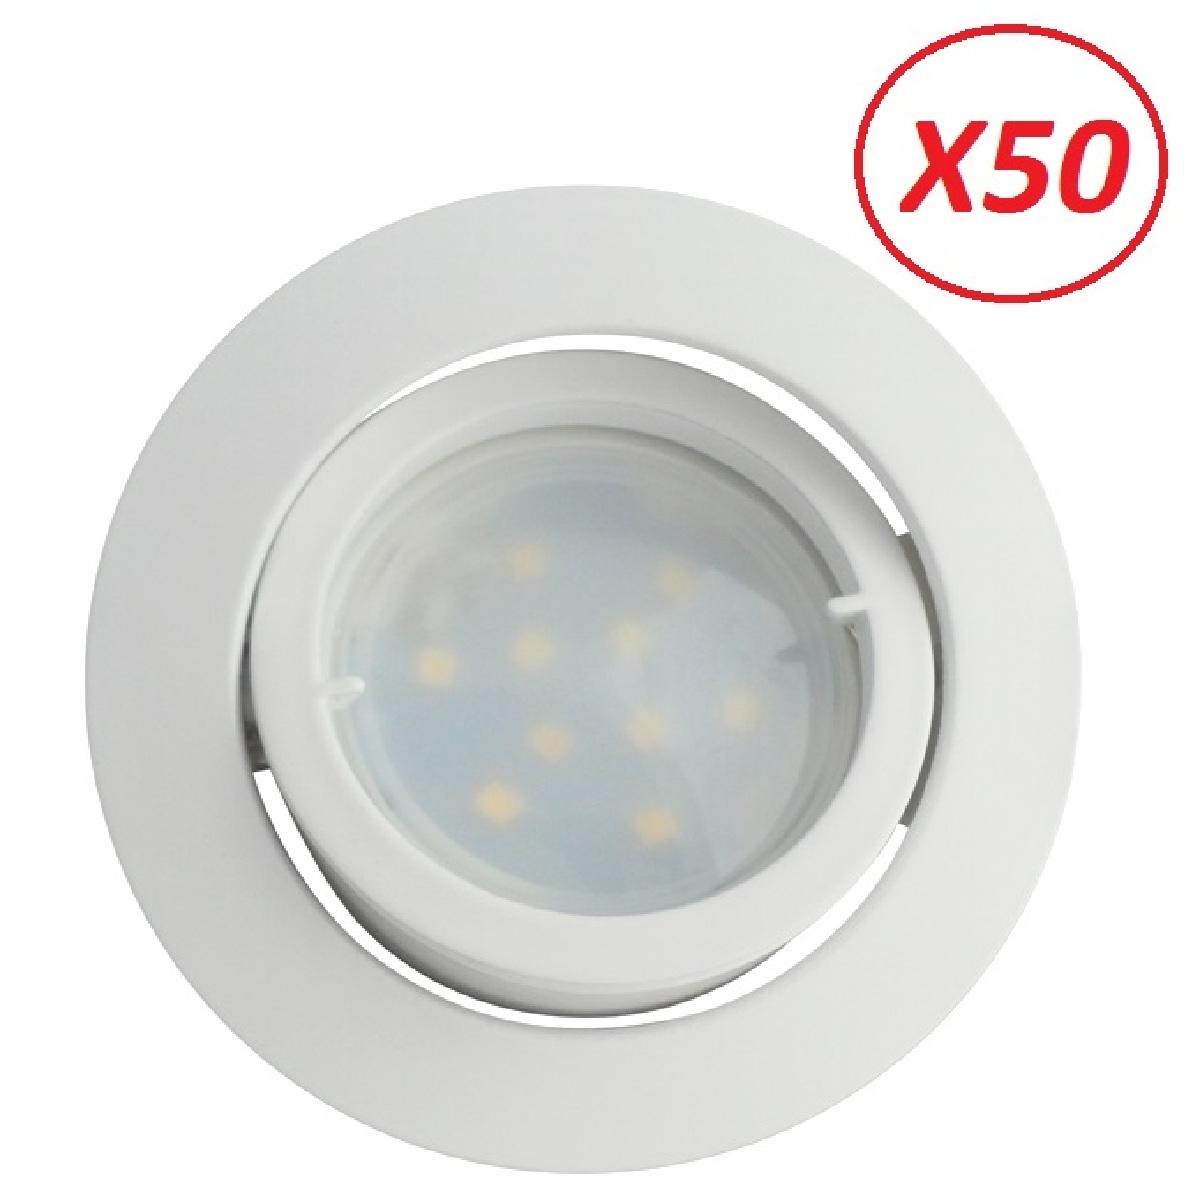 Eurobryte Lot de 50 Spot Led Encastrable Complete Blanc Orientable lumière Blanc Neutre eq. 50W ref.888